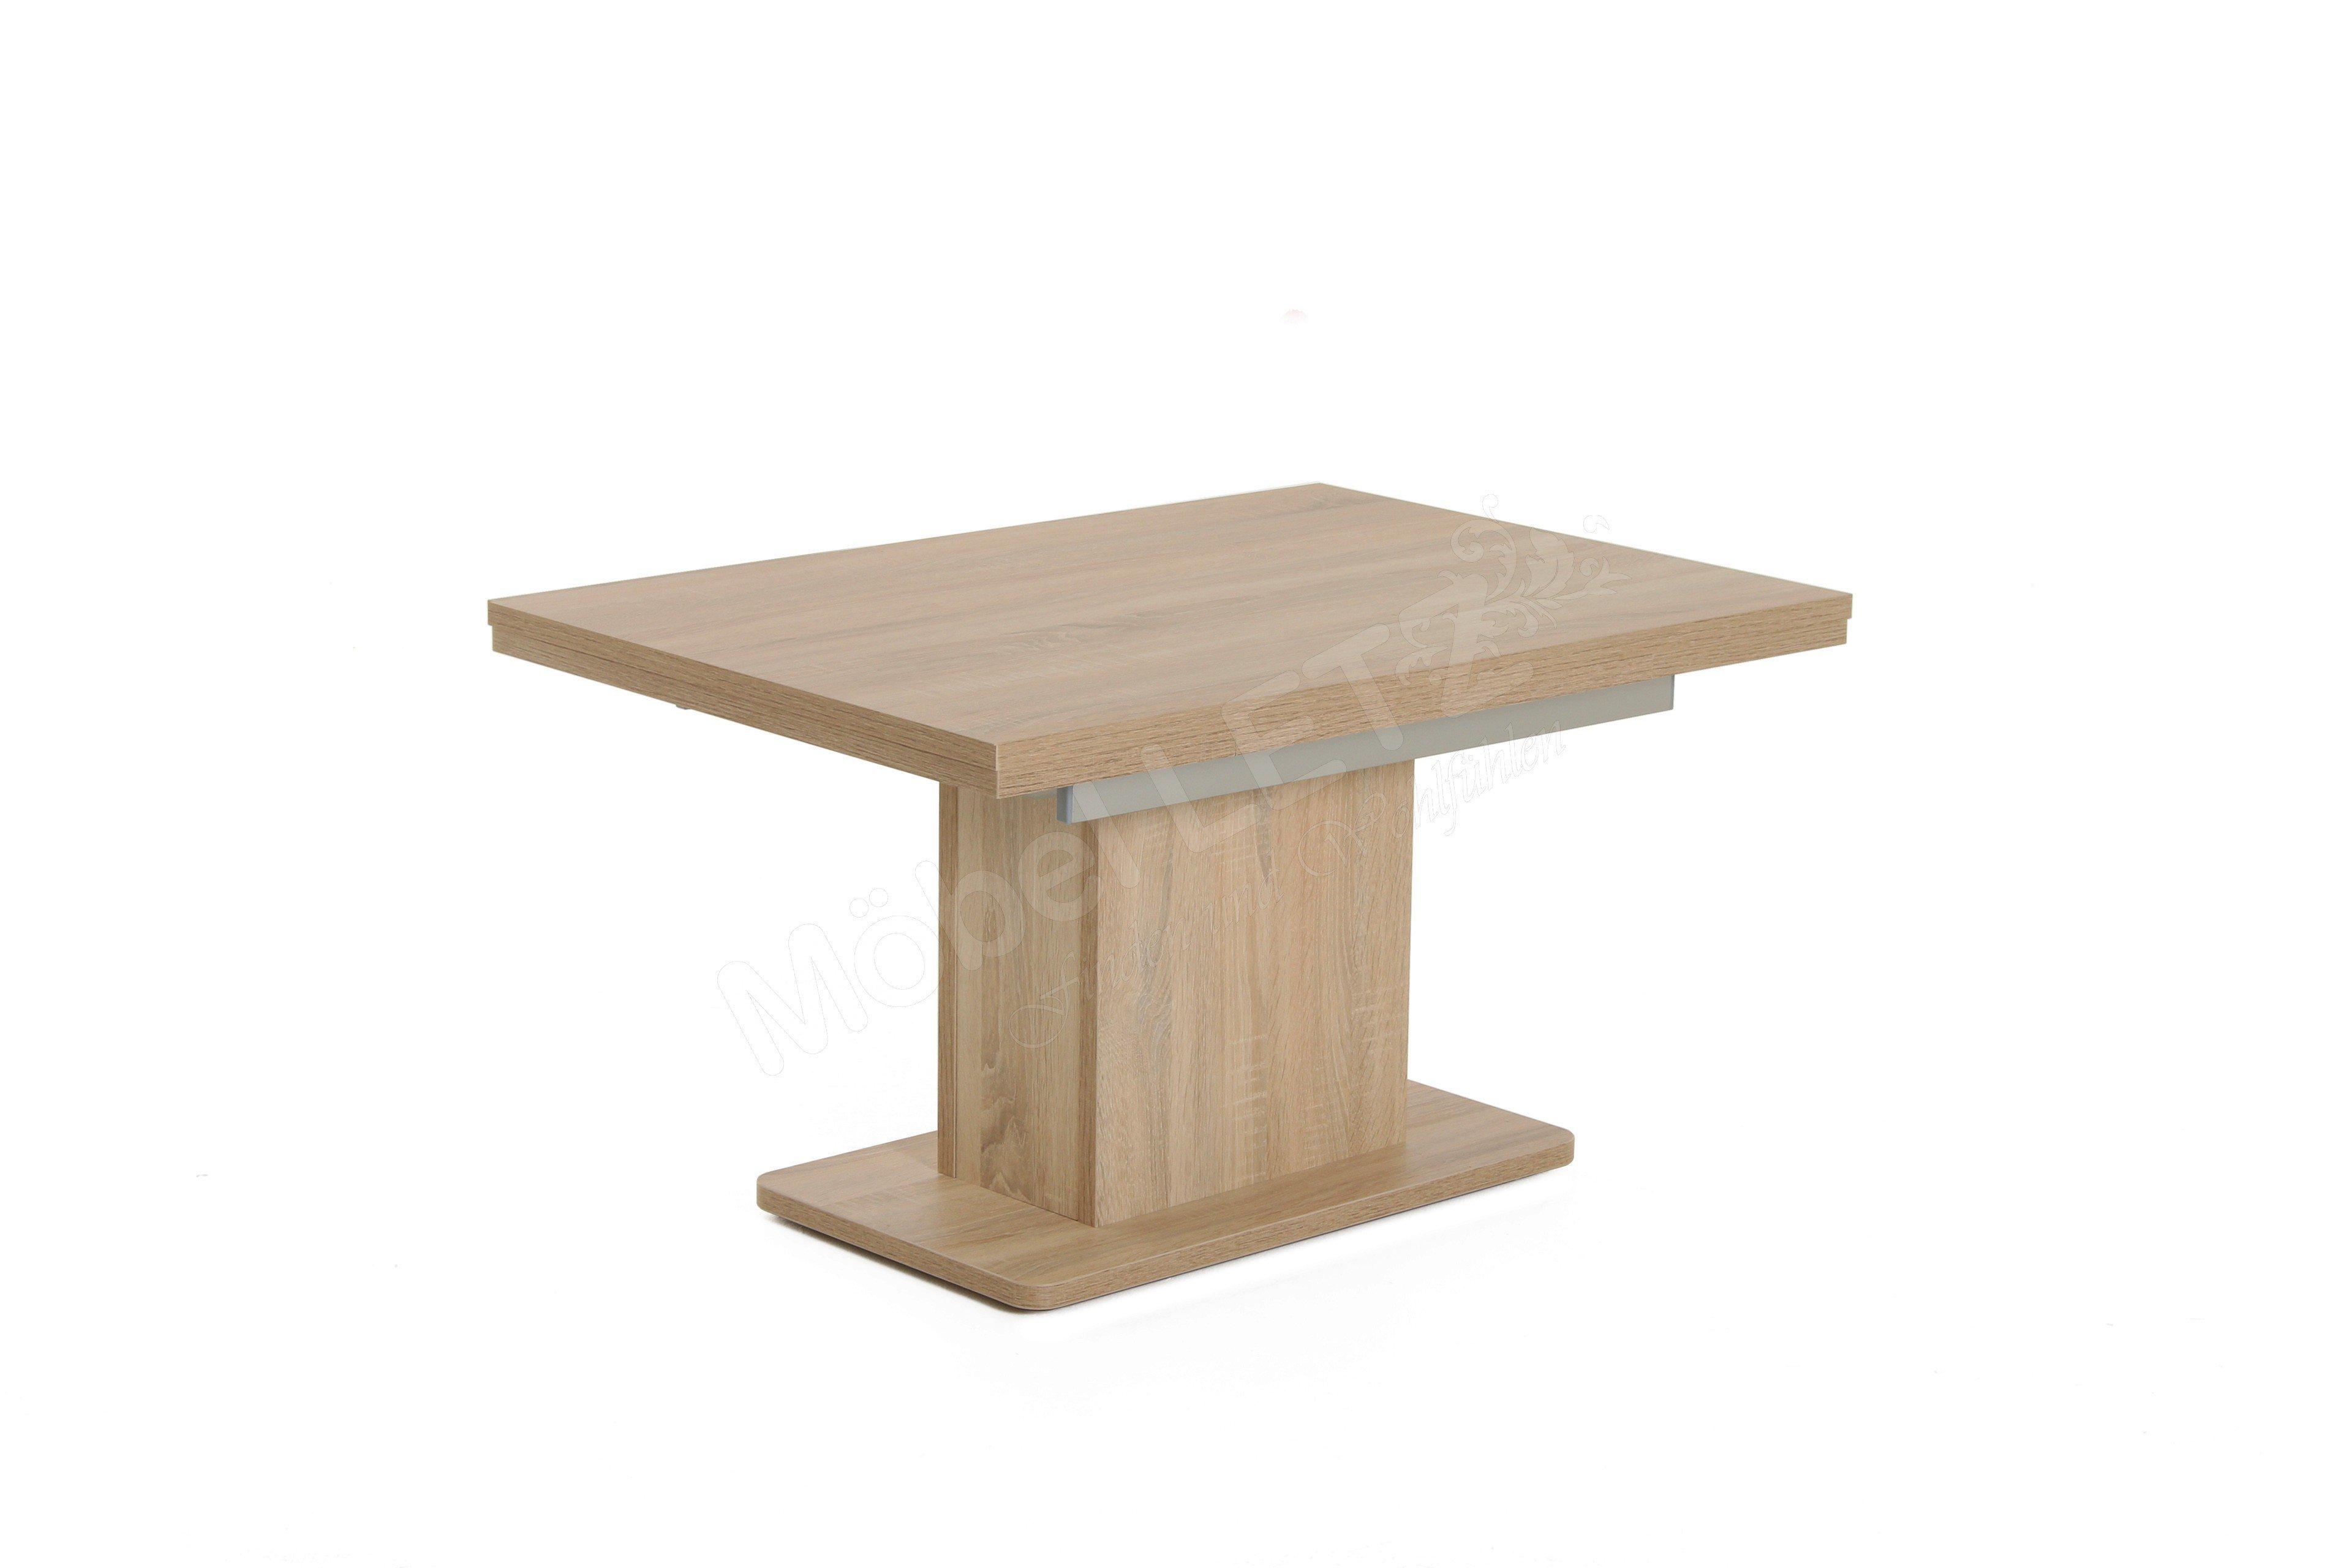 vierhaus couchtisch 2276 esp eiche s gerau m bel letz ihr online shop. Black Bedroom Furniture Sets. Home Design Ideas